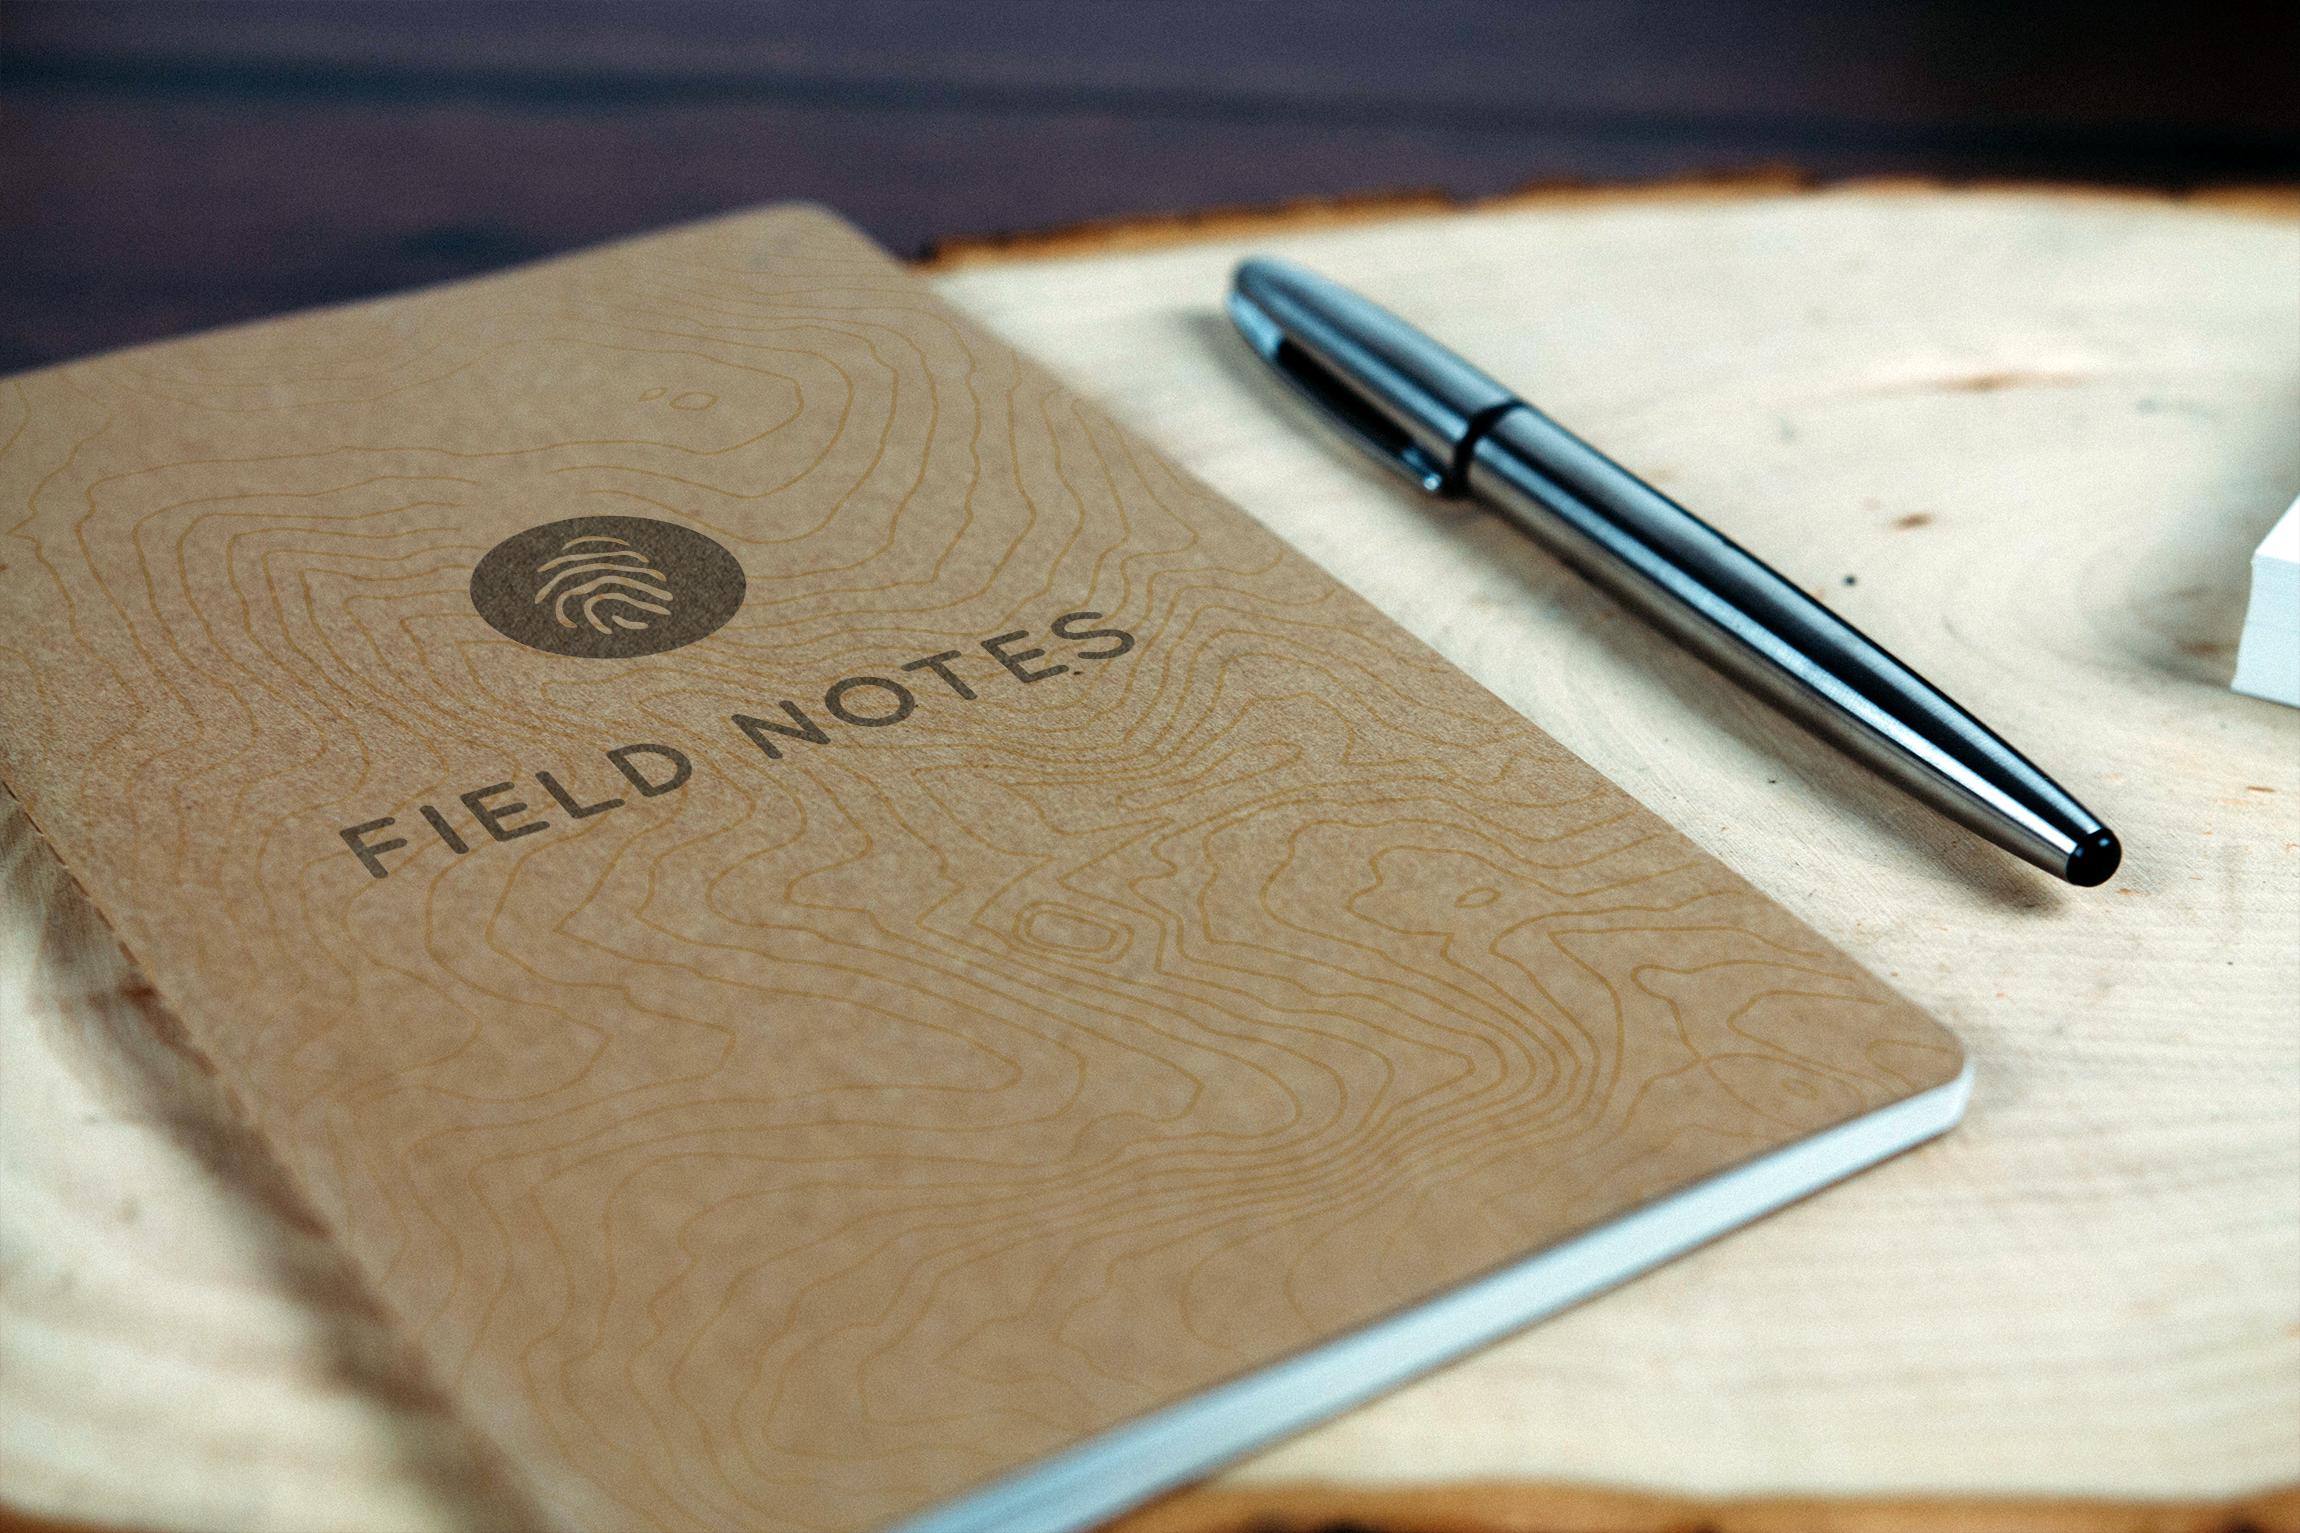 TT_notebook.png